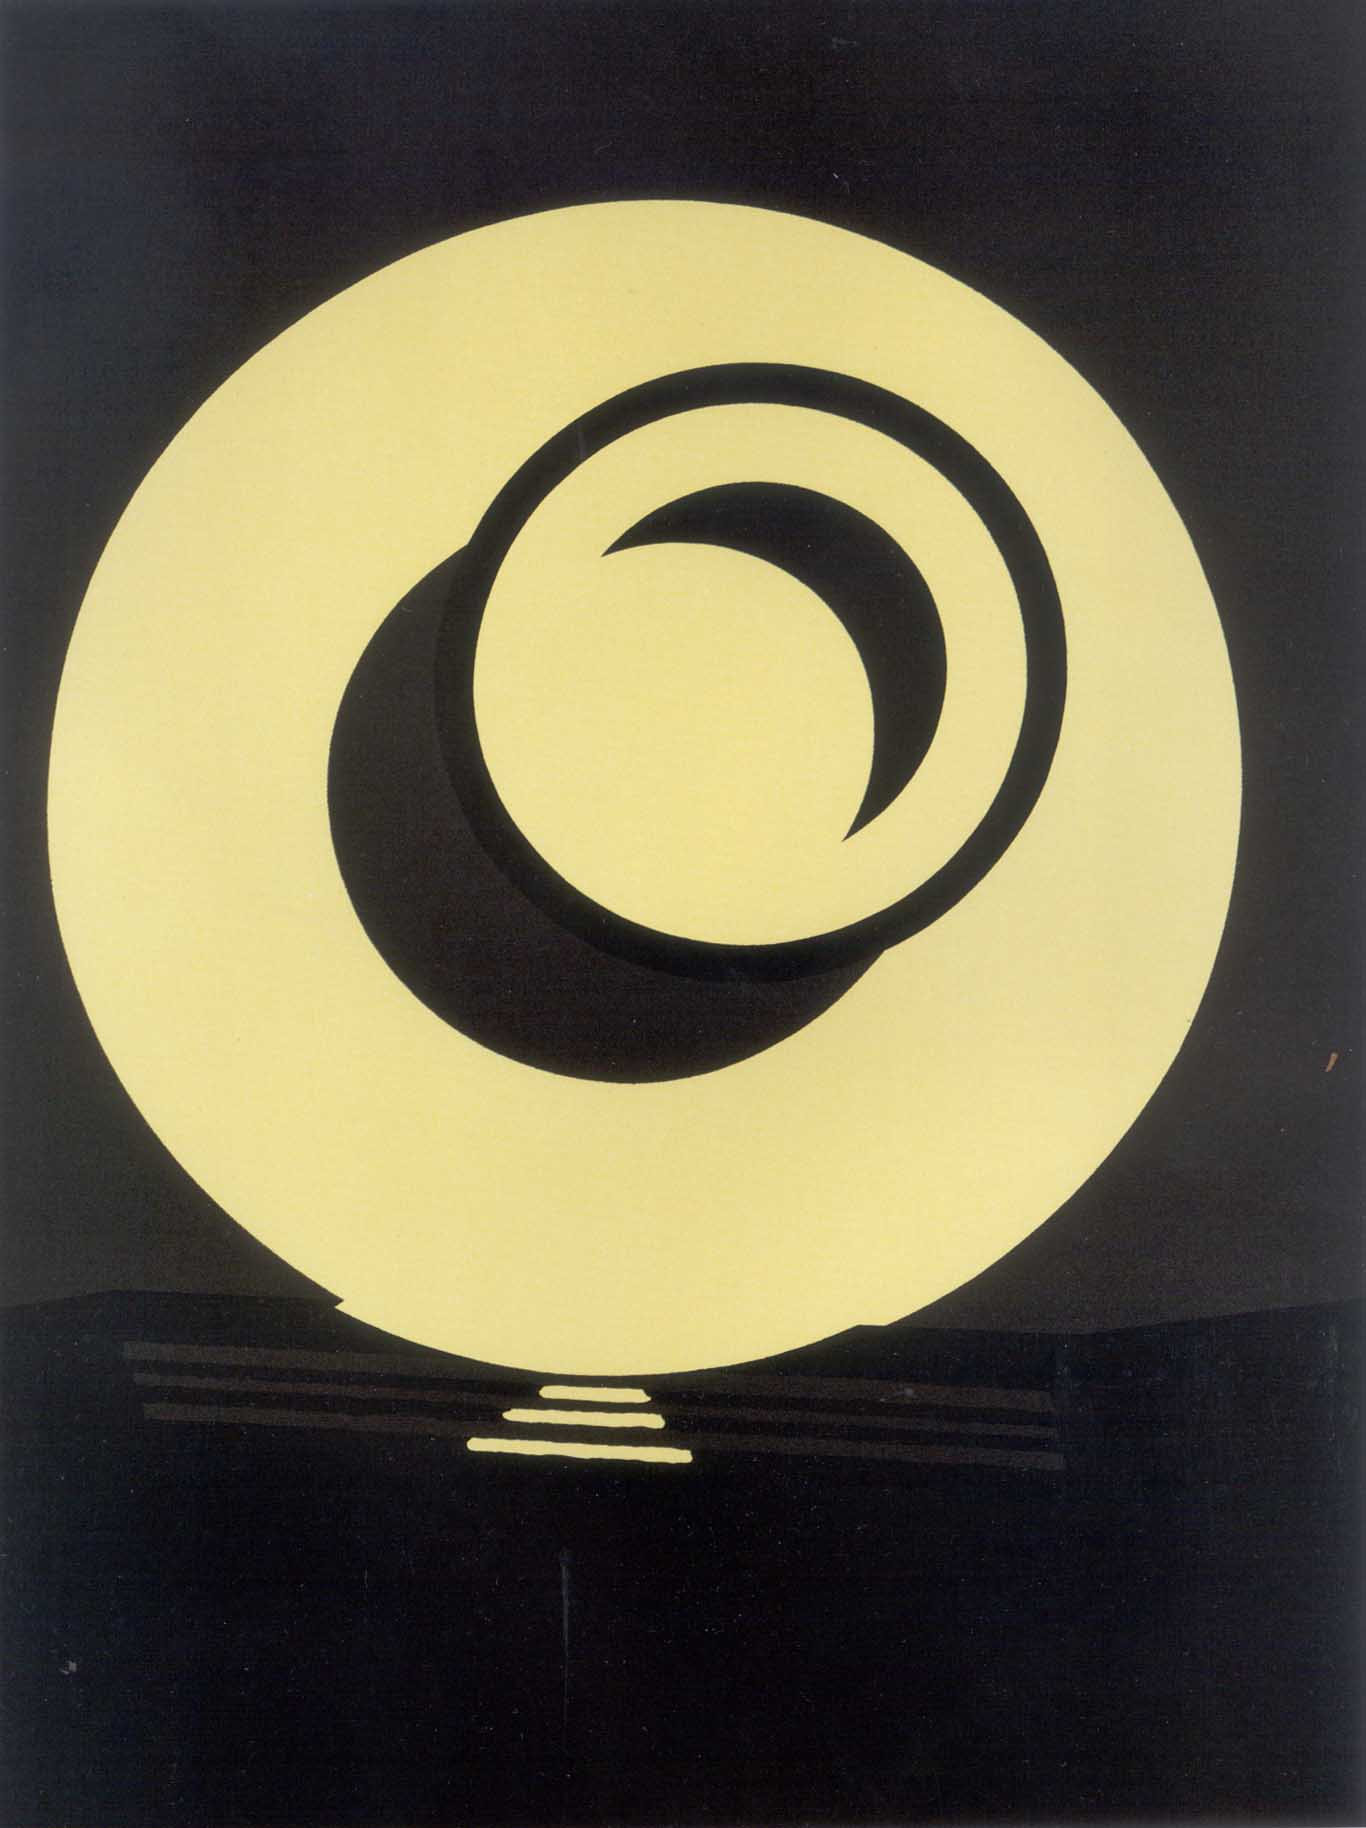 Patrick Caulfied  Wall Plates: Highlights • 1987 Serigrafia Edição: 50 129.4 x 101.5 cm